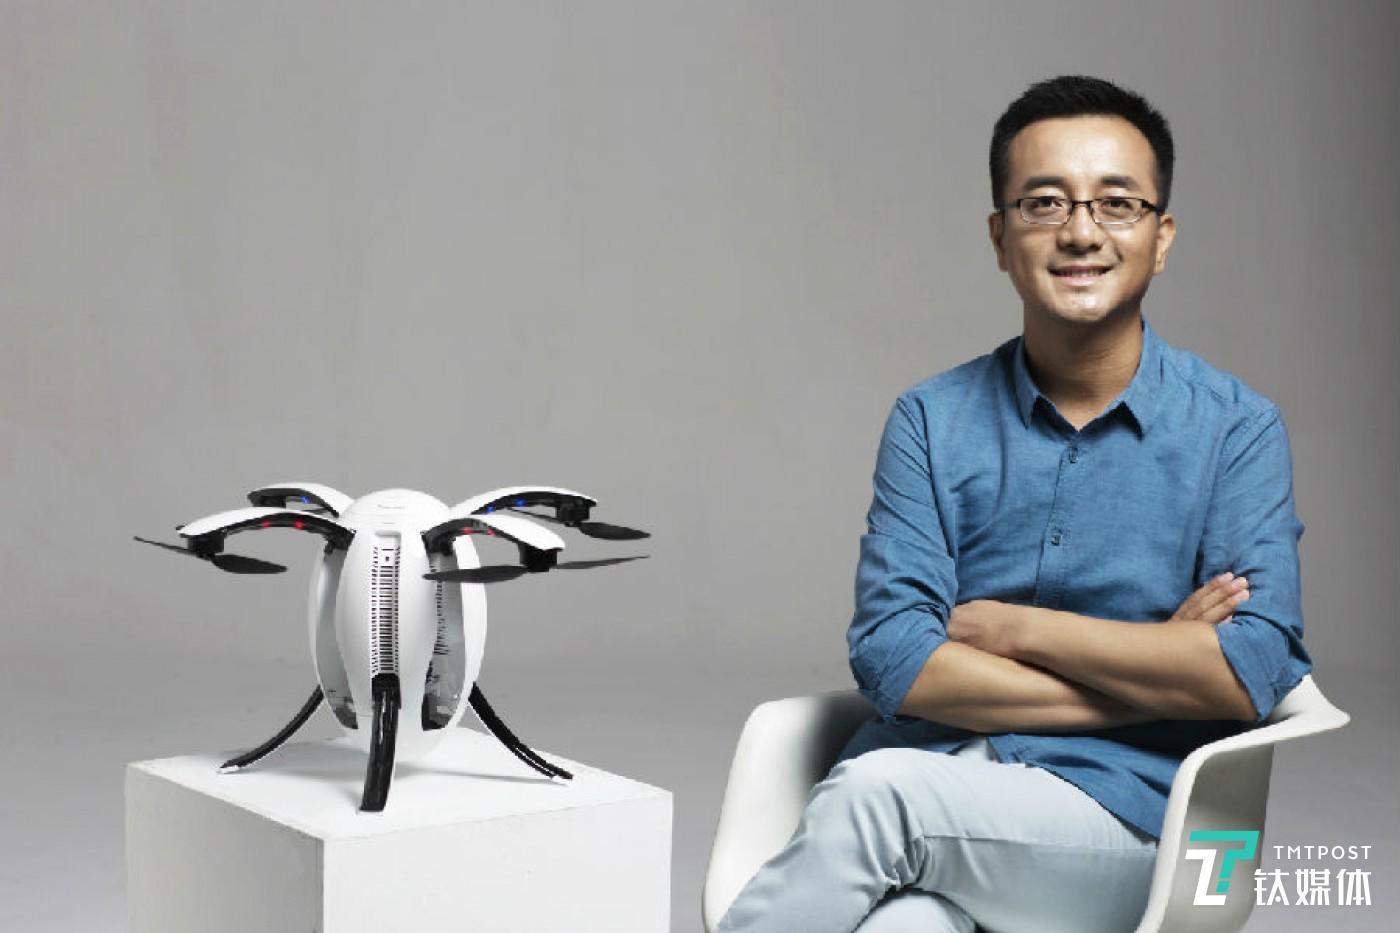 郑卫峰先生与臻迪Power Egg小巨蛋无人机